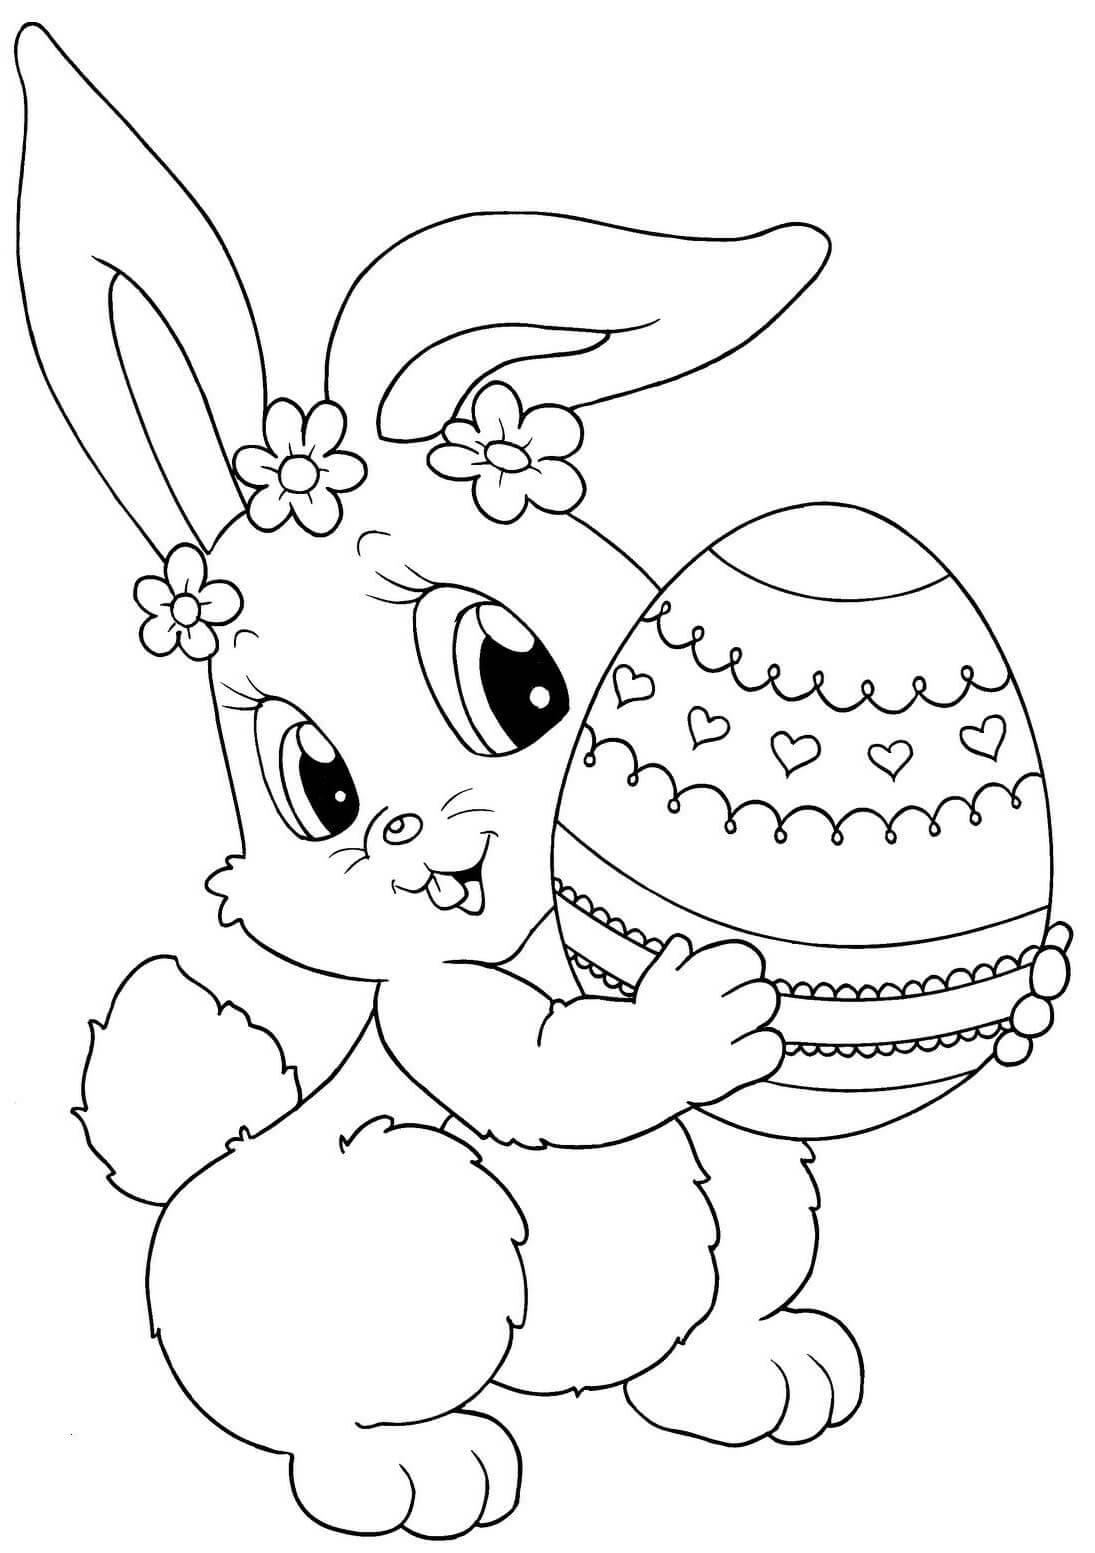 Раскраска Крольчиха с пасхальным яйцом